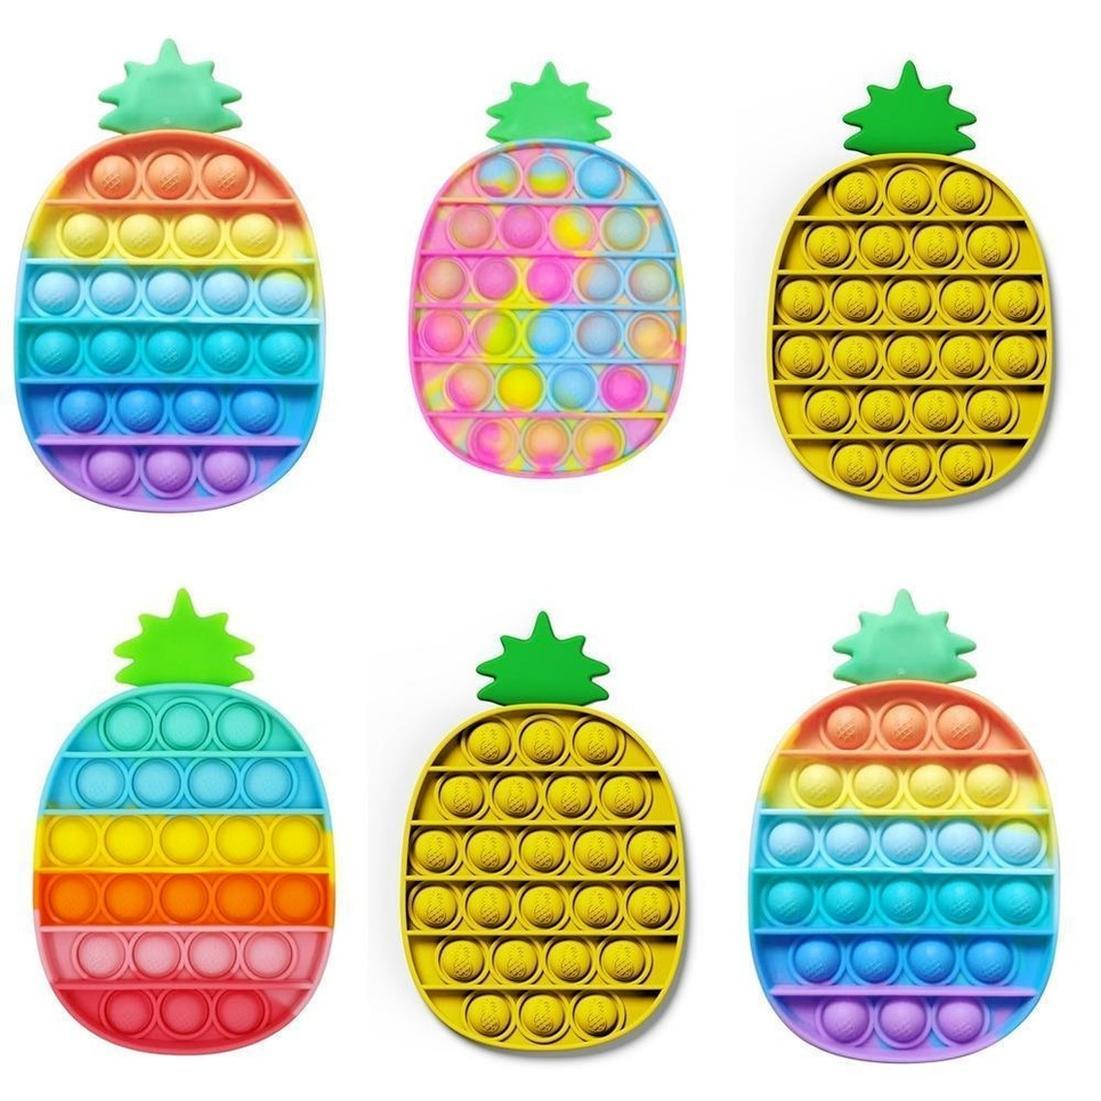 США на складе вечеринки одолжение камуфляж ананасовый сенсорное толчок пузырьки радуги цветов FIDGET игрушка стресс с облегчением образовательные сенсорные декомпрессионные игрушки